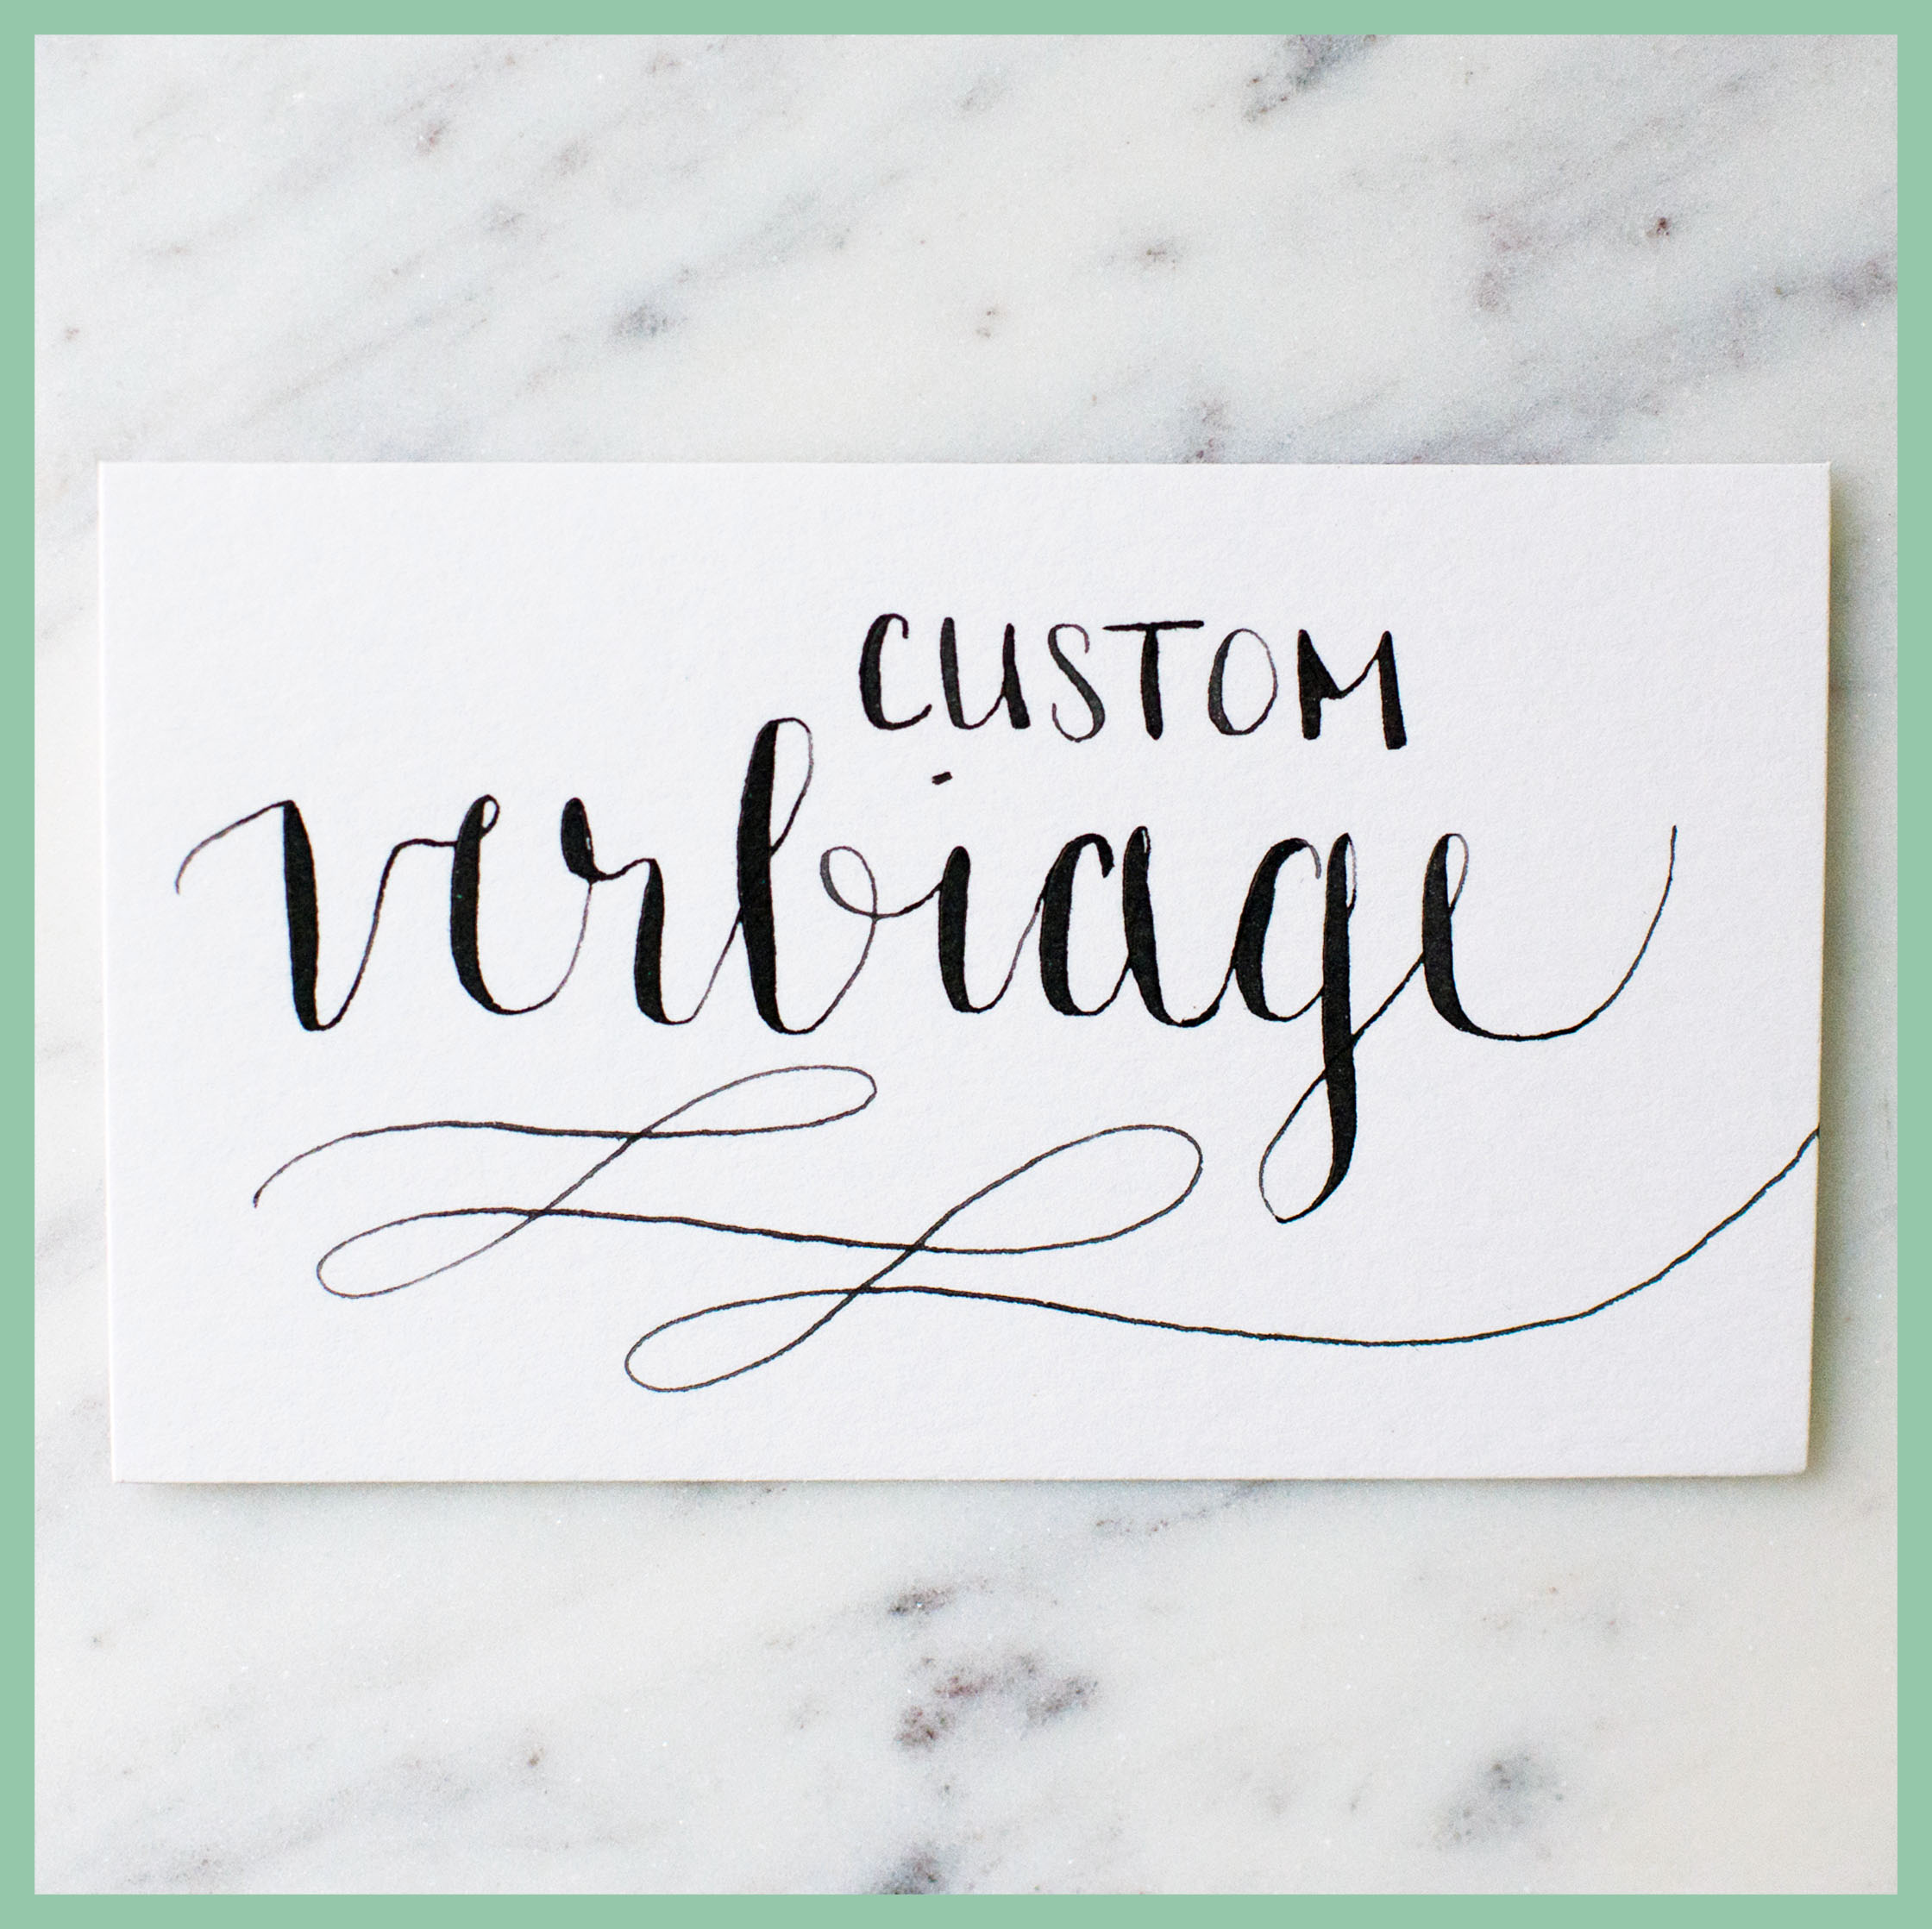 Custom Verbiage